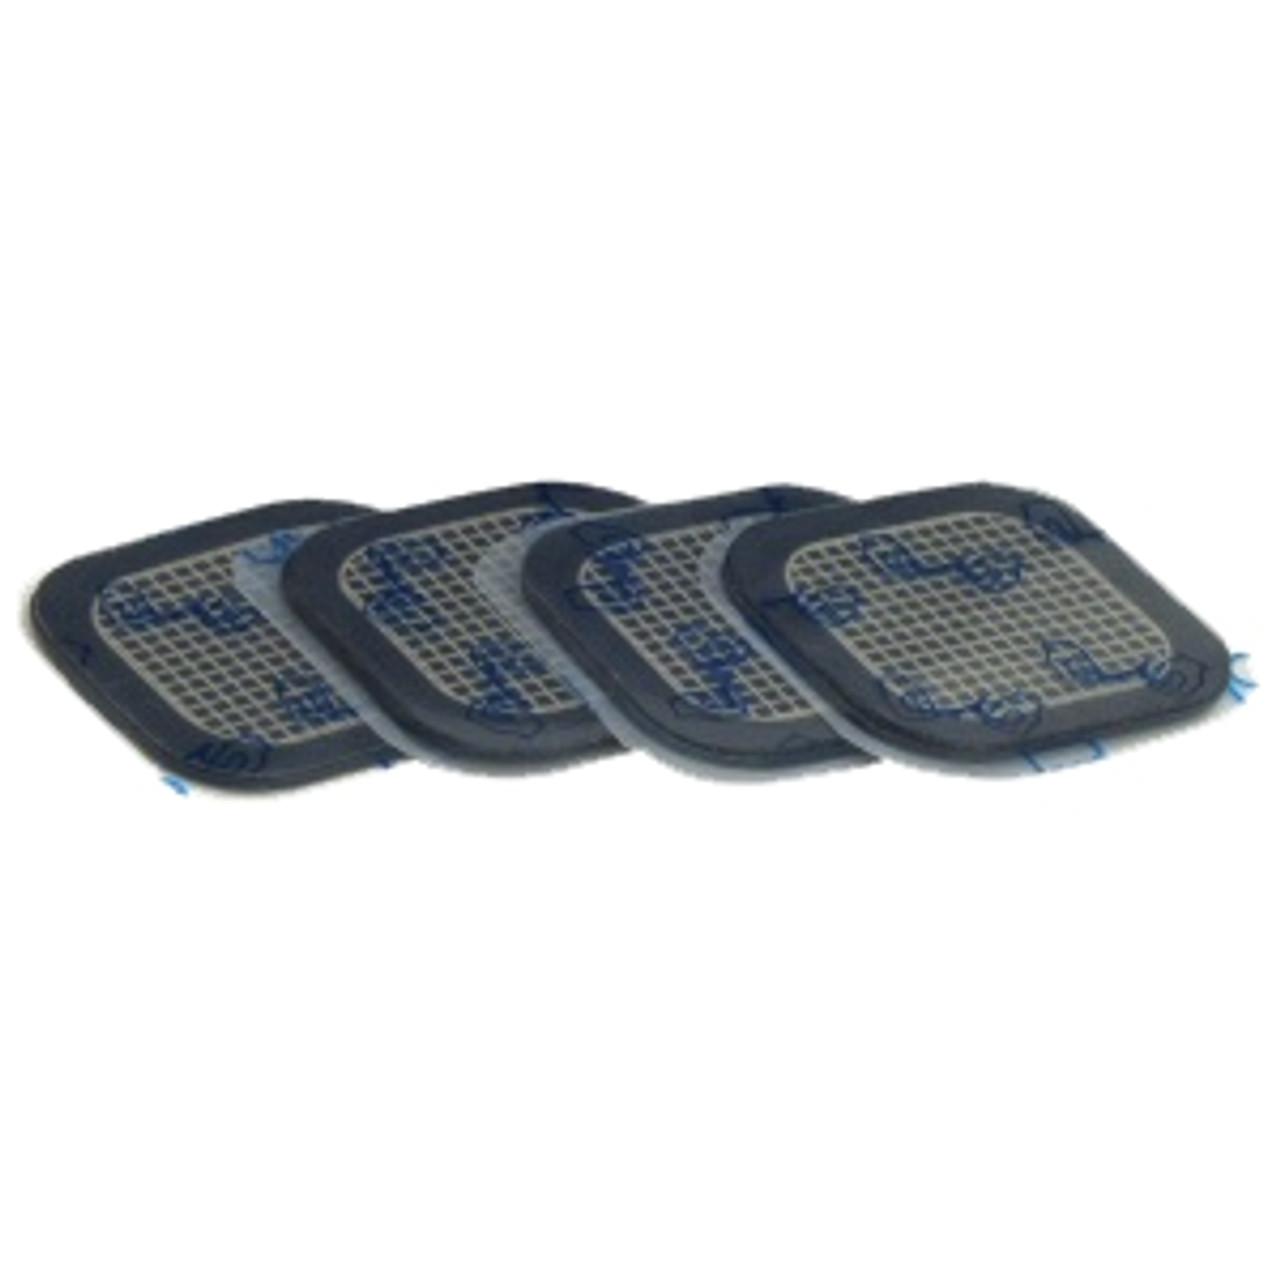 Replacement Conductive Pads/Electrodes (4 pcs.)